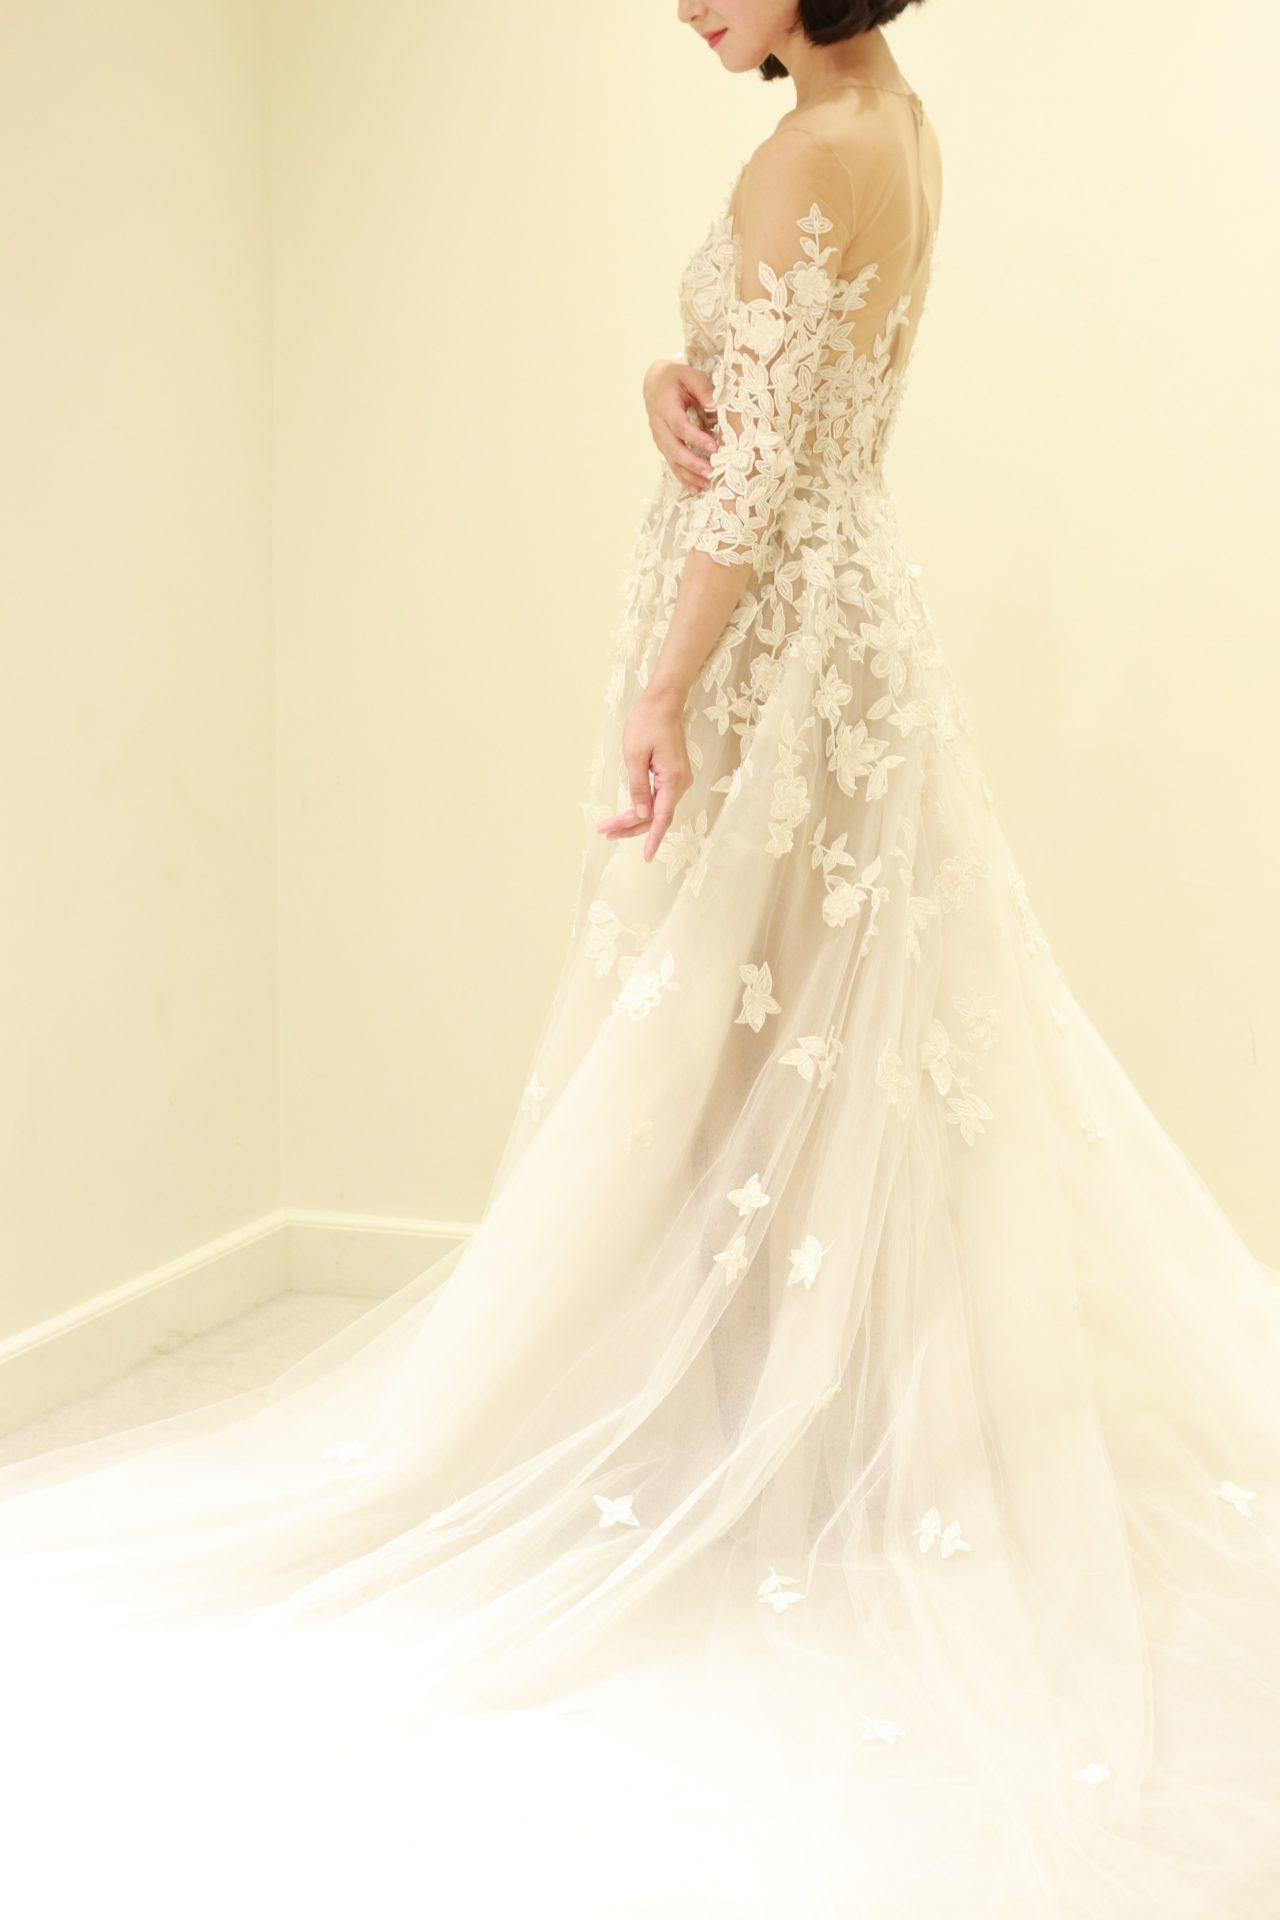 オスカーデラレンタの人気ウェディングドレスは、繊細なチュールスカートにシャープな印象の大振りレースが贅沢に施された華やか且つ他にはないお洒落な一着です